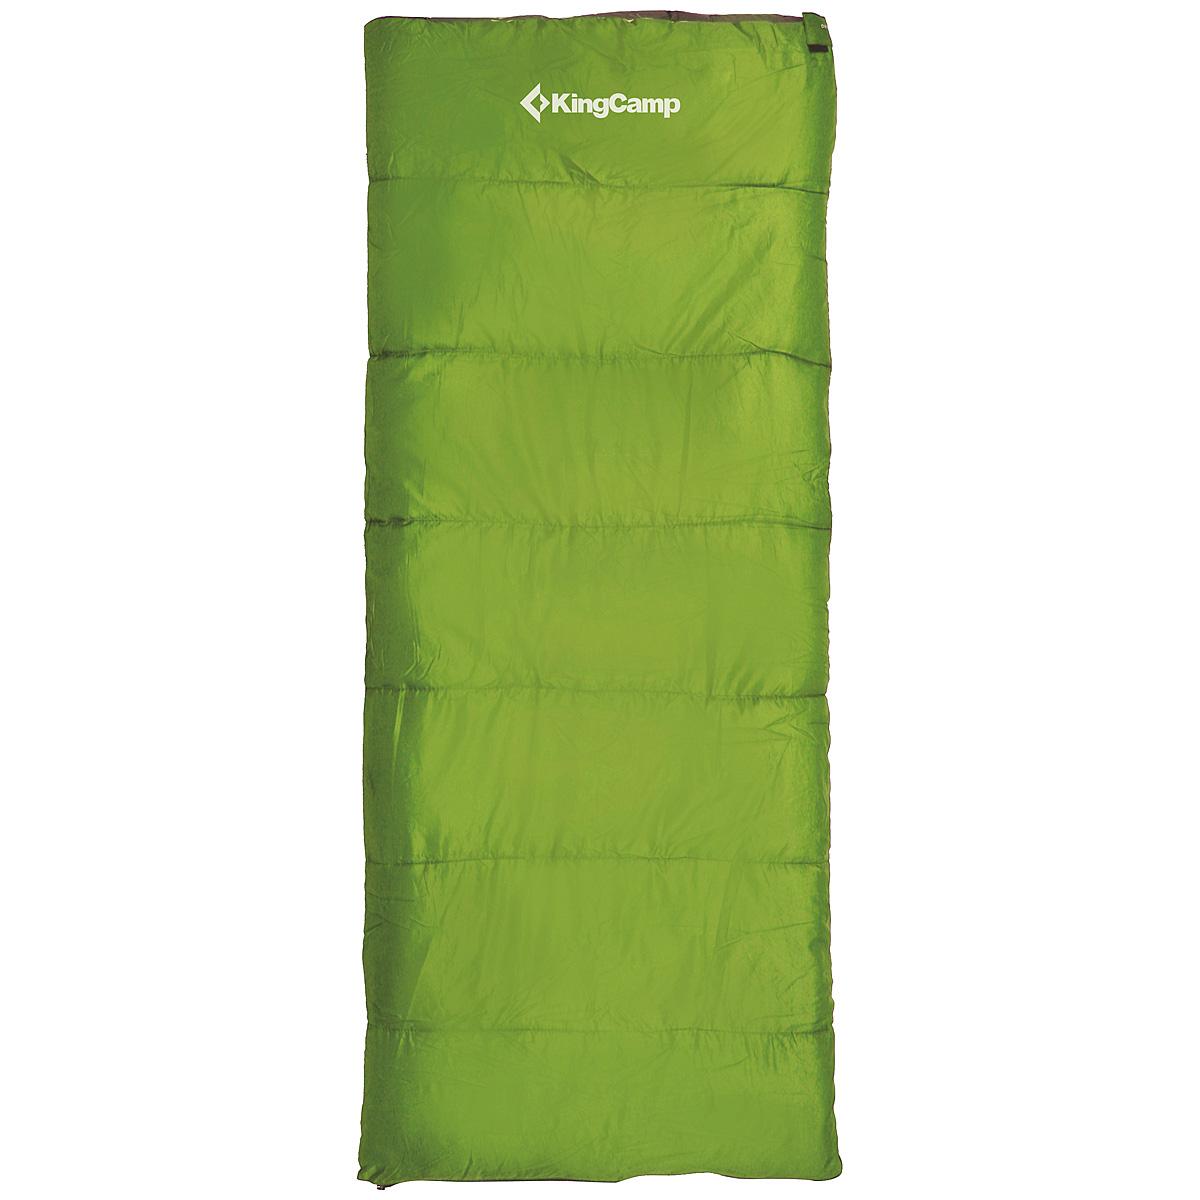 Спальный мешок-одеяло KingCamp OXYGEN, цвет: зеленый. ks3122УТ-000050441Комфортный спальник-одеяло имеет прямоугольную форму и одинаковую ширину как вверху, так и внизу, благодаря чему ноги чувствуют себя более свободно. Молния располагается на боковой стороне, благодаря чему при её расстёгивании спальник превращается в довольно большое одеяло. Характеристики: Размер спального мешка с учетом подголовника: 180 см х 75 см. Утеплитель: четырехканальное волокно Hollowfibre (Comfort Loft), 200 г/м2. Внешний материал: полиэстер 190Т W/P. Внутренний материал: 100% полиэстер. Экстремальная температура: 8°C. Температура комфорта: 12°C...18°С. Вес: 0,92 кг. Изготовитель: Китай. Размер в сложенном виде: 35 см х 19 см х 19 см. Артикул: KS3122.